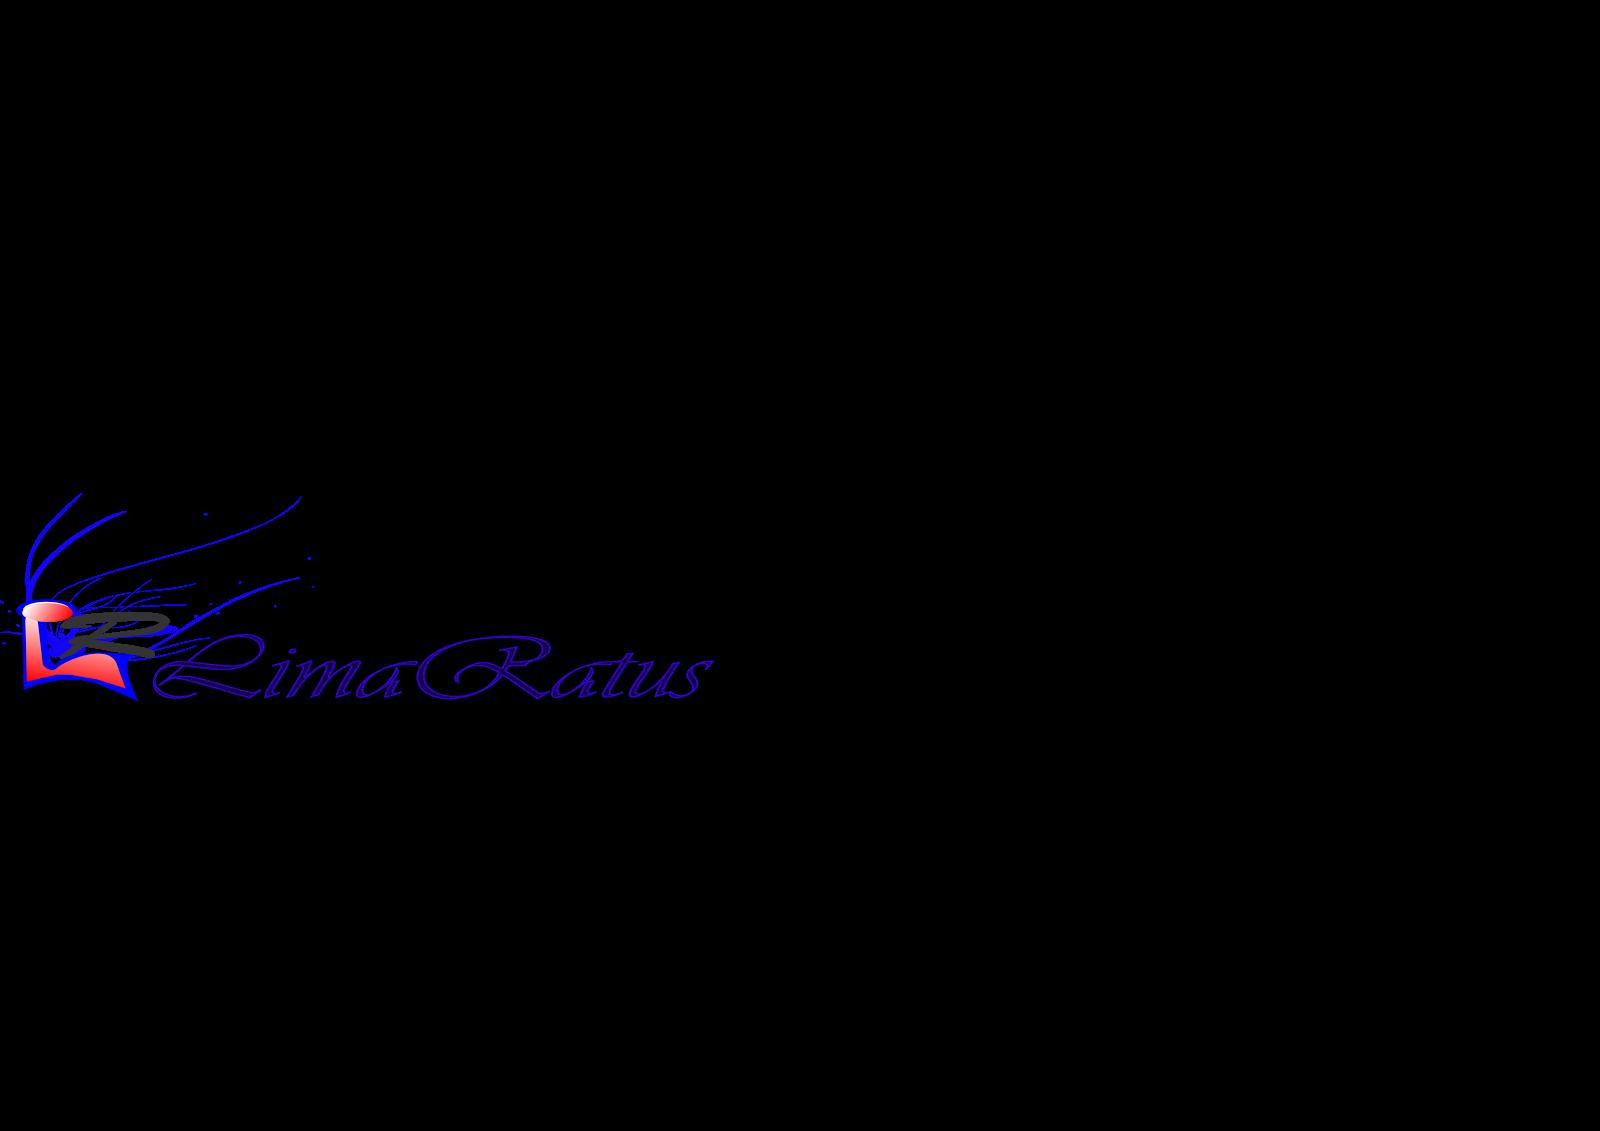 LimaRatus